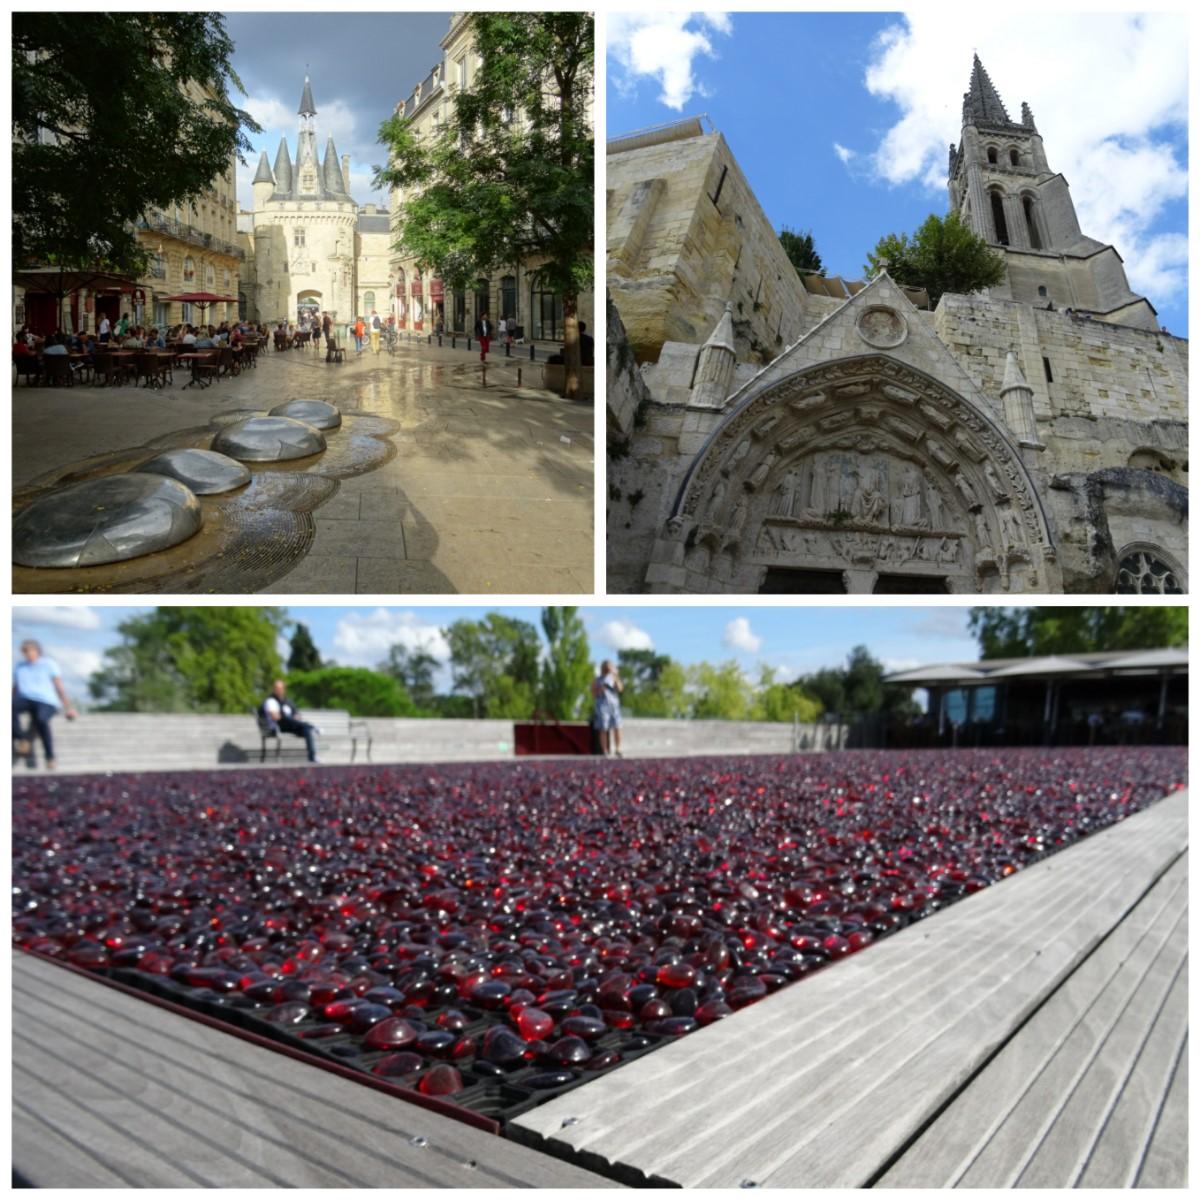 SVR-ARCHITECTS à Bordeaux - MAGNIFIQUE ! - Christina Montanari